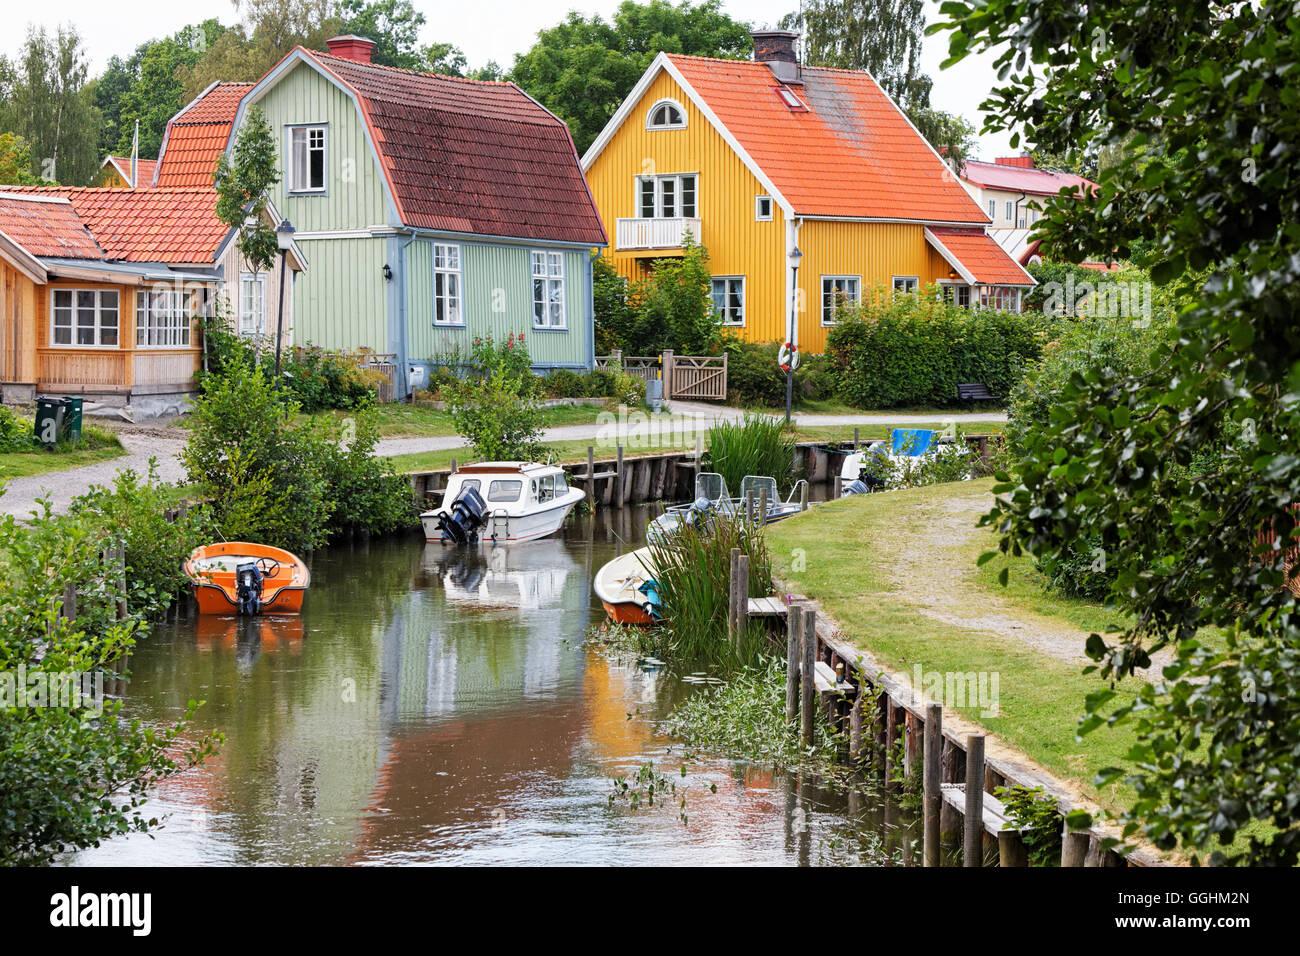 Canal avec des maisons en bois typiques, Trosa, Suède Photo Stock